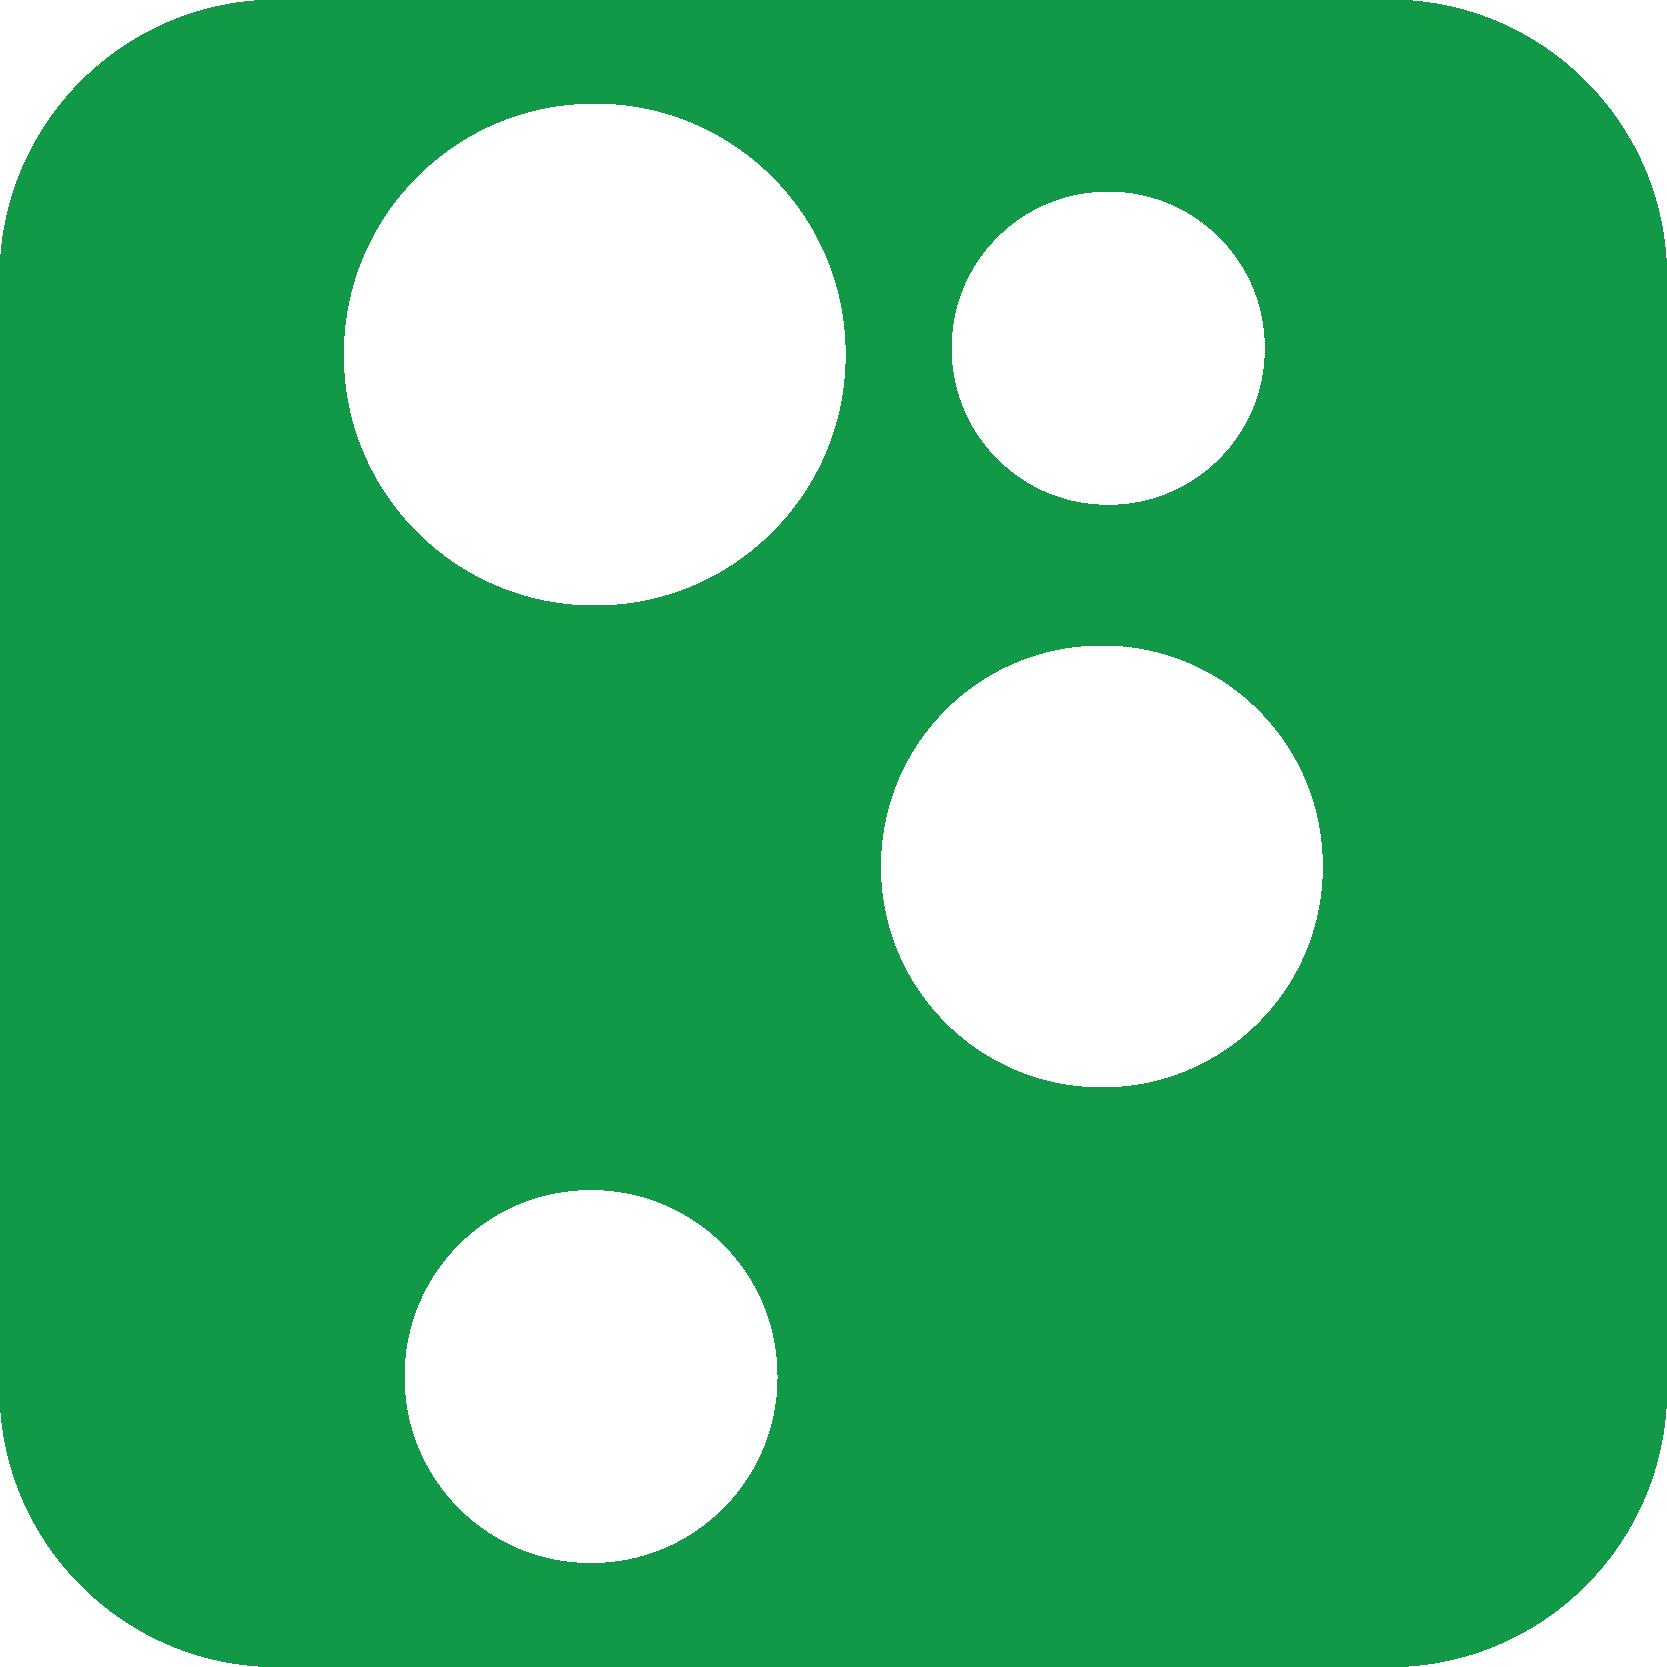 Nets ikon grøn